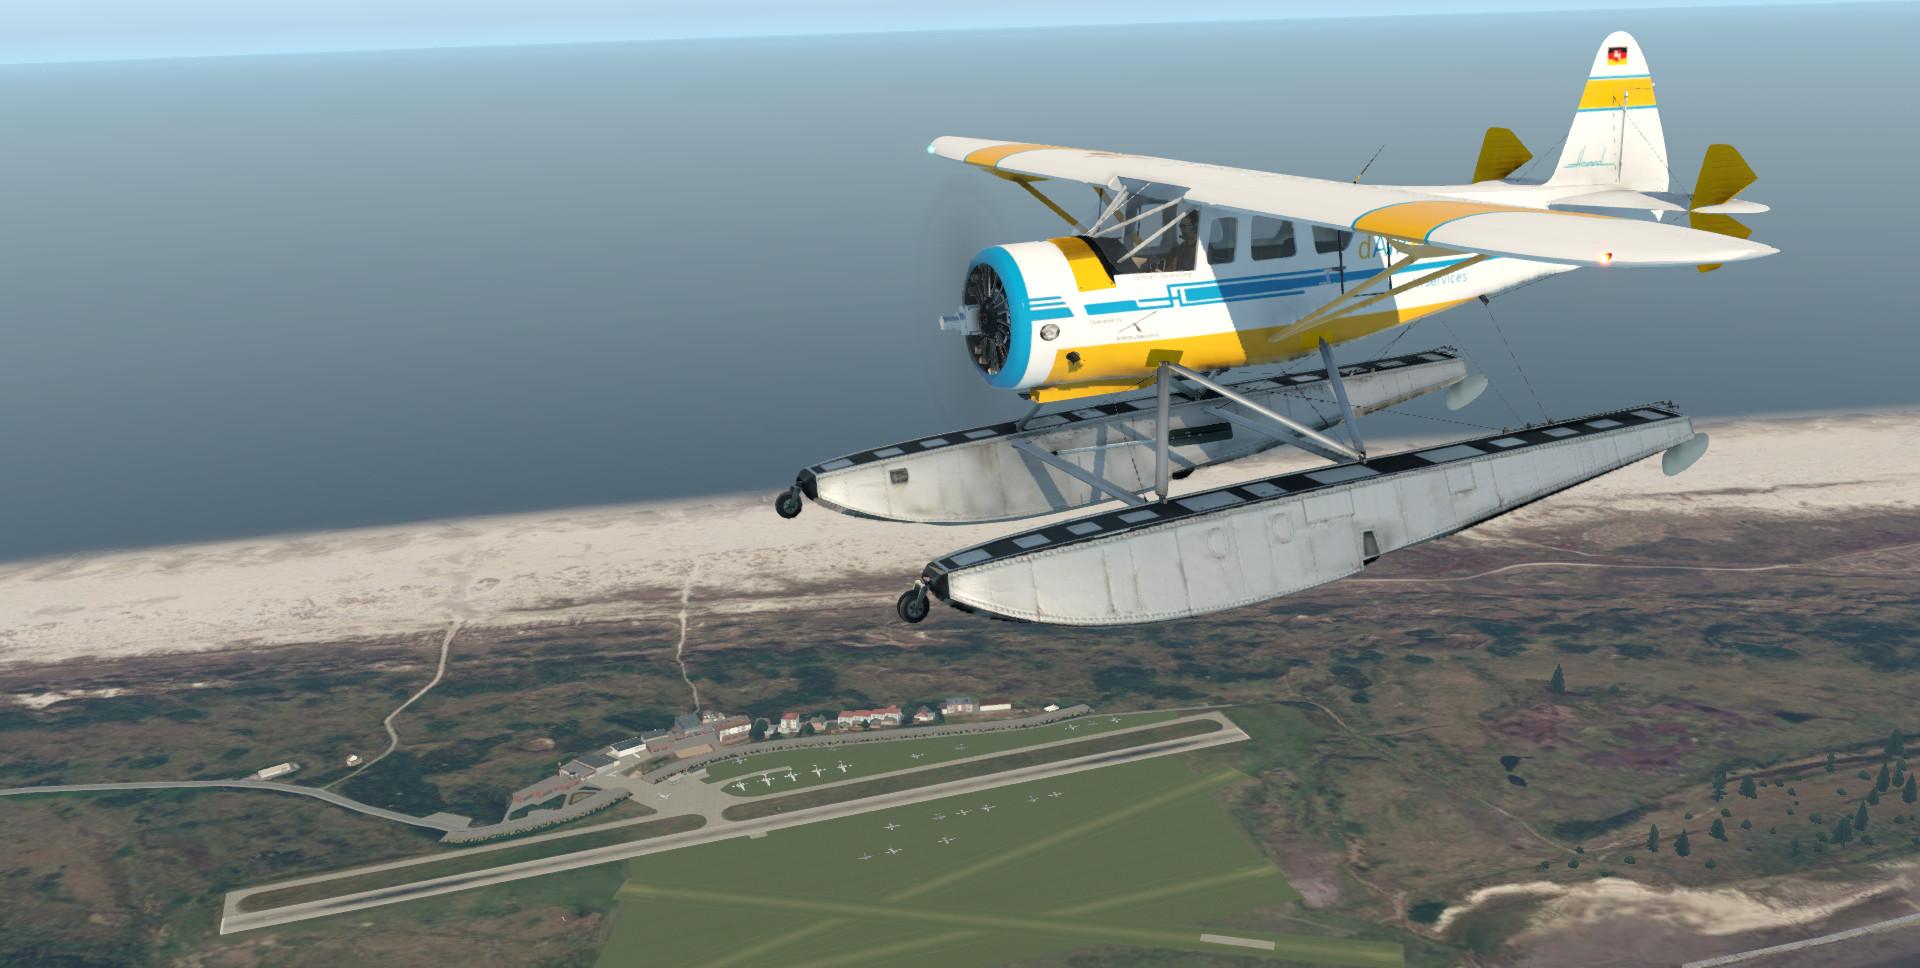 nordseerundflug-016dcj3f.jpg